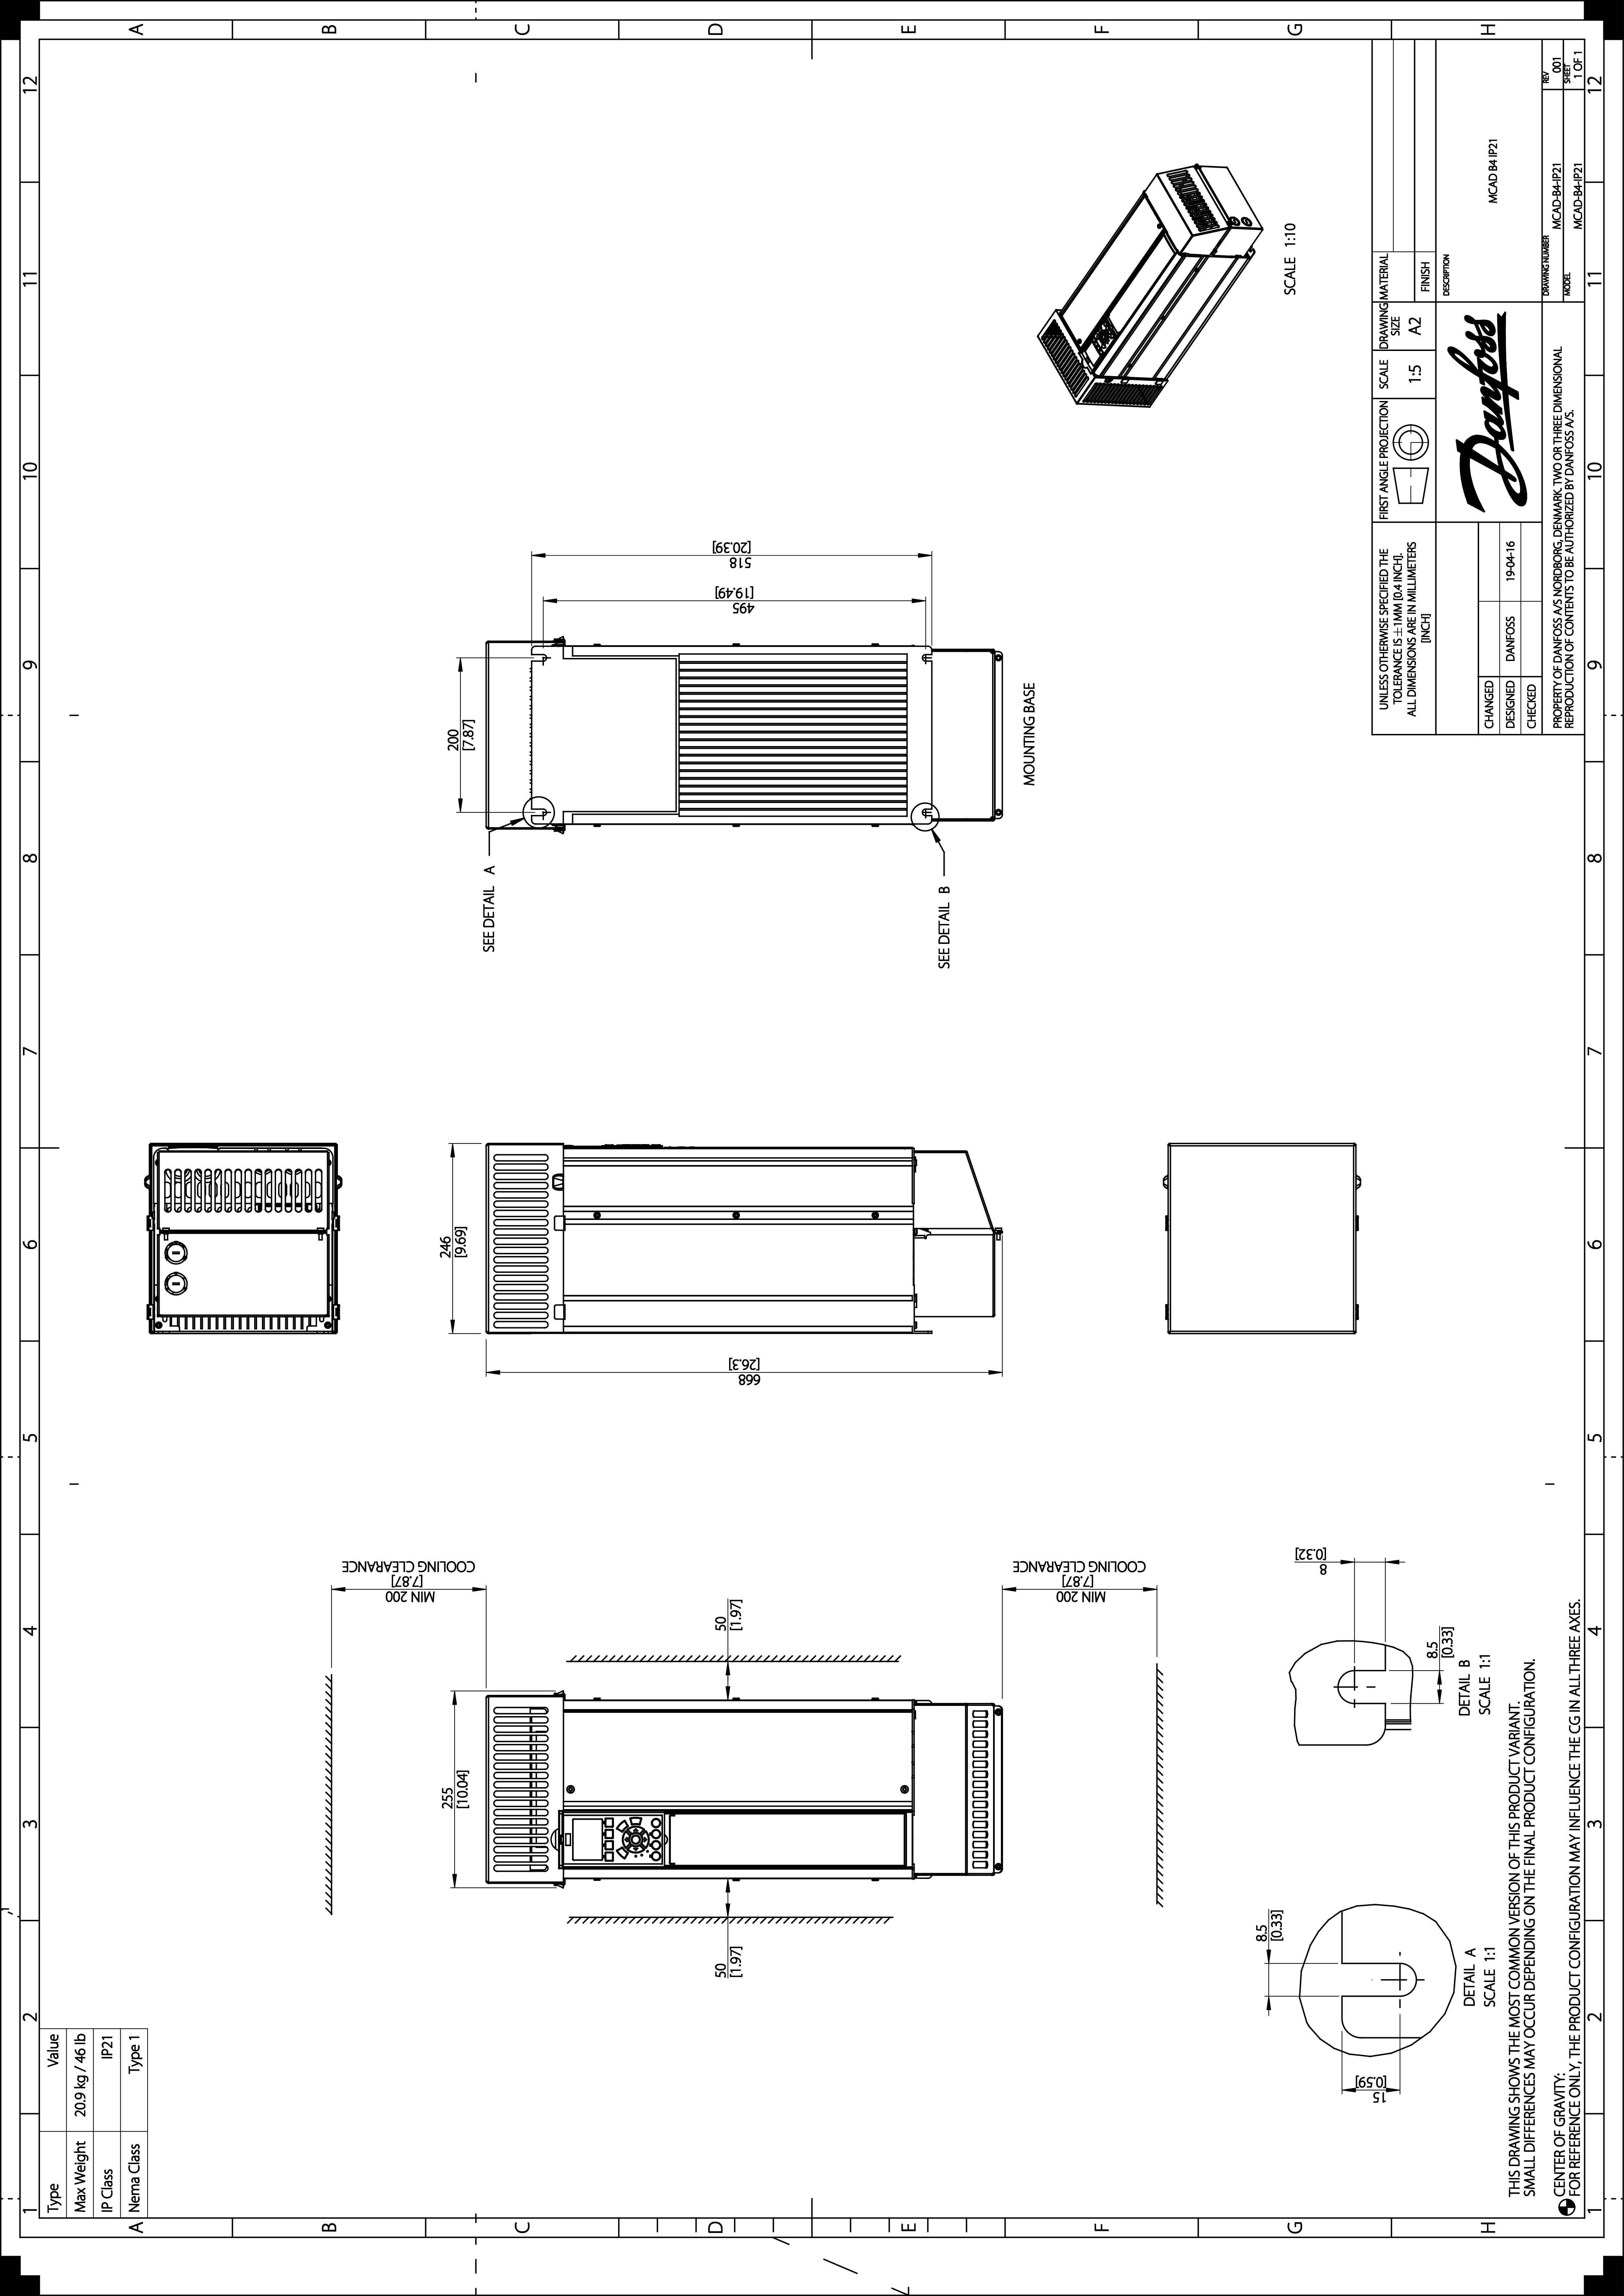 Enhanced Vlt Hvac Drive Fc 102 Danfoss Freedom 20 Inverter Wiring Diagram 21 Mb